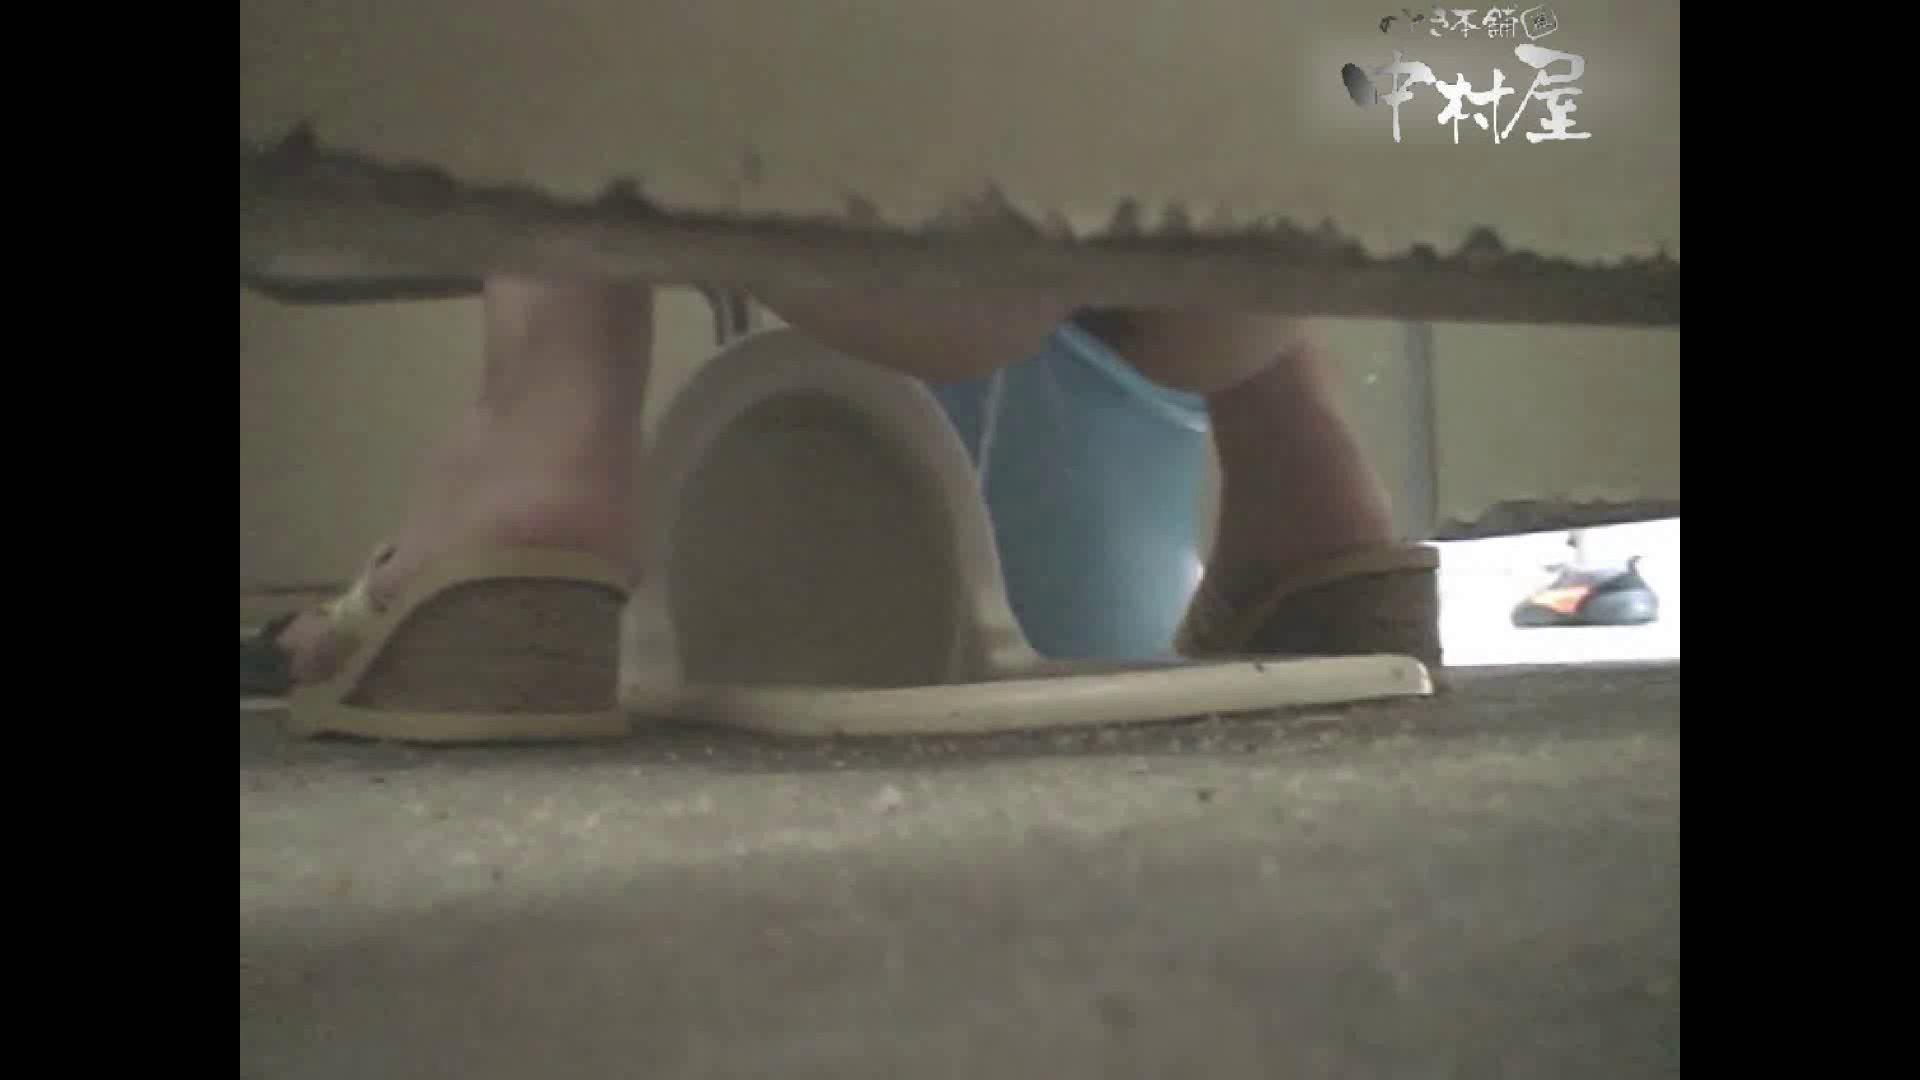 岩手県在住盗撮師盗撮記録vol.17 ハプニング映像 のぞき動画キャプチャ 87PIX 4